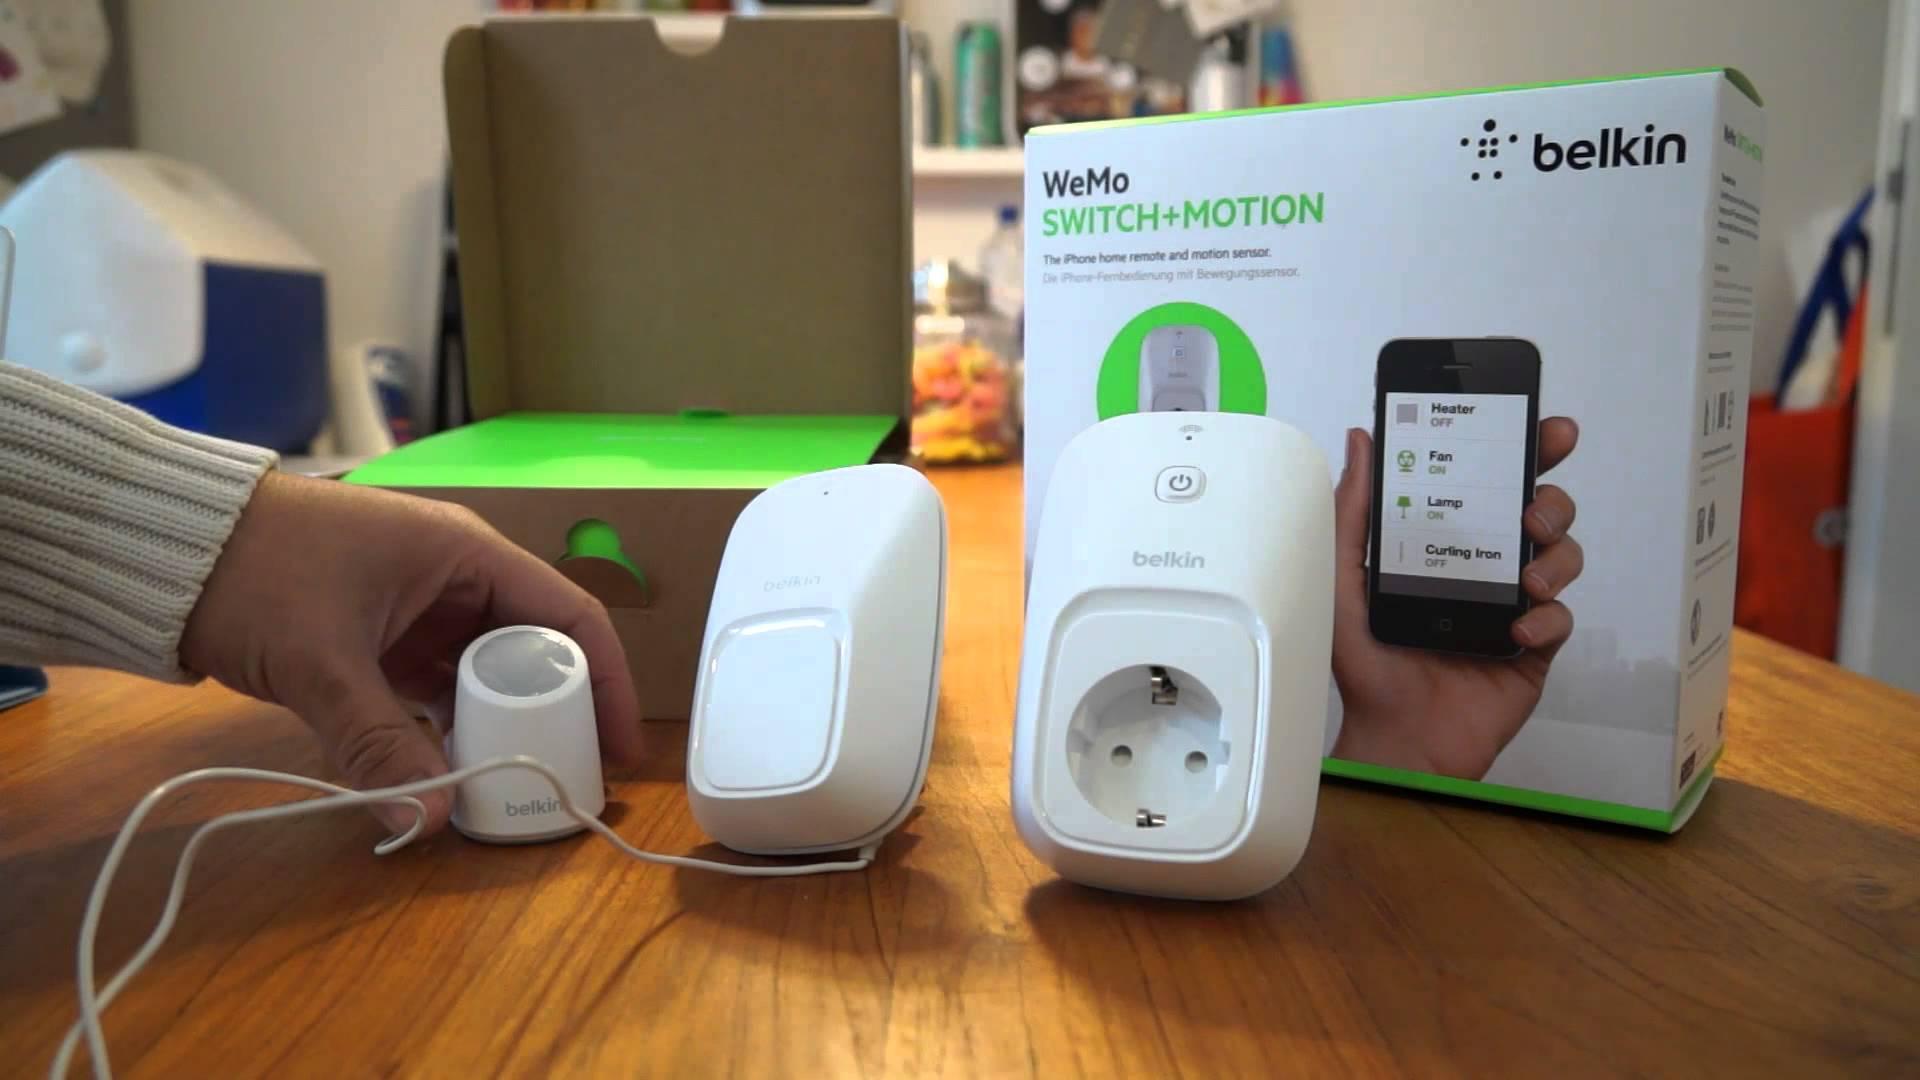 Interruptor para controlar dispositivos de casa desde cualquier lugar